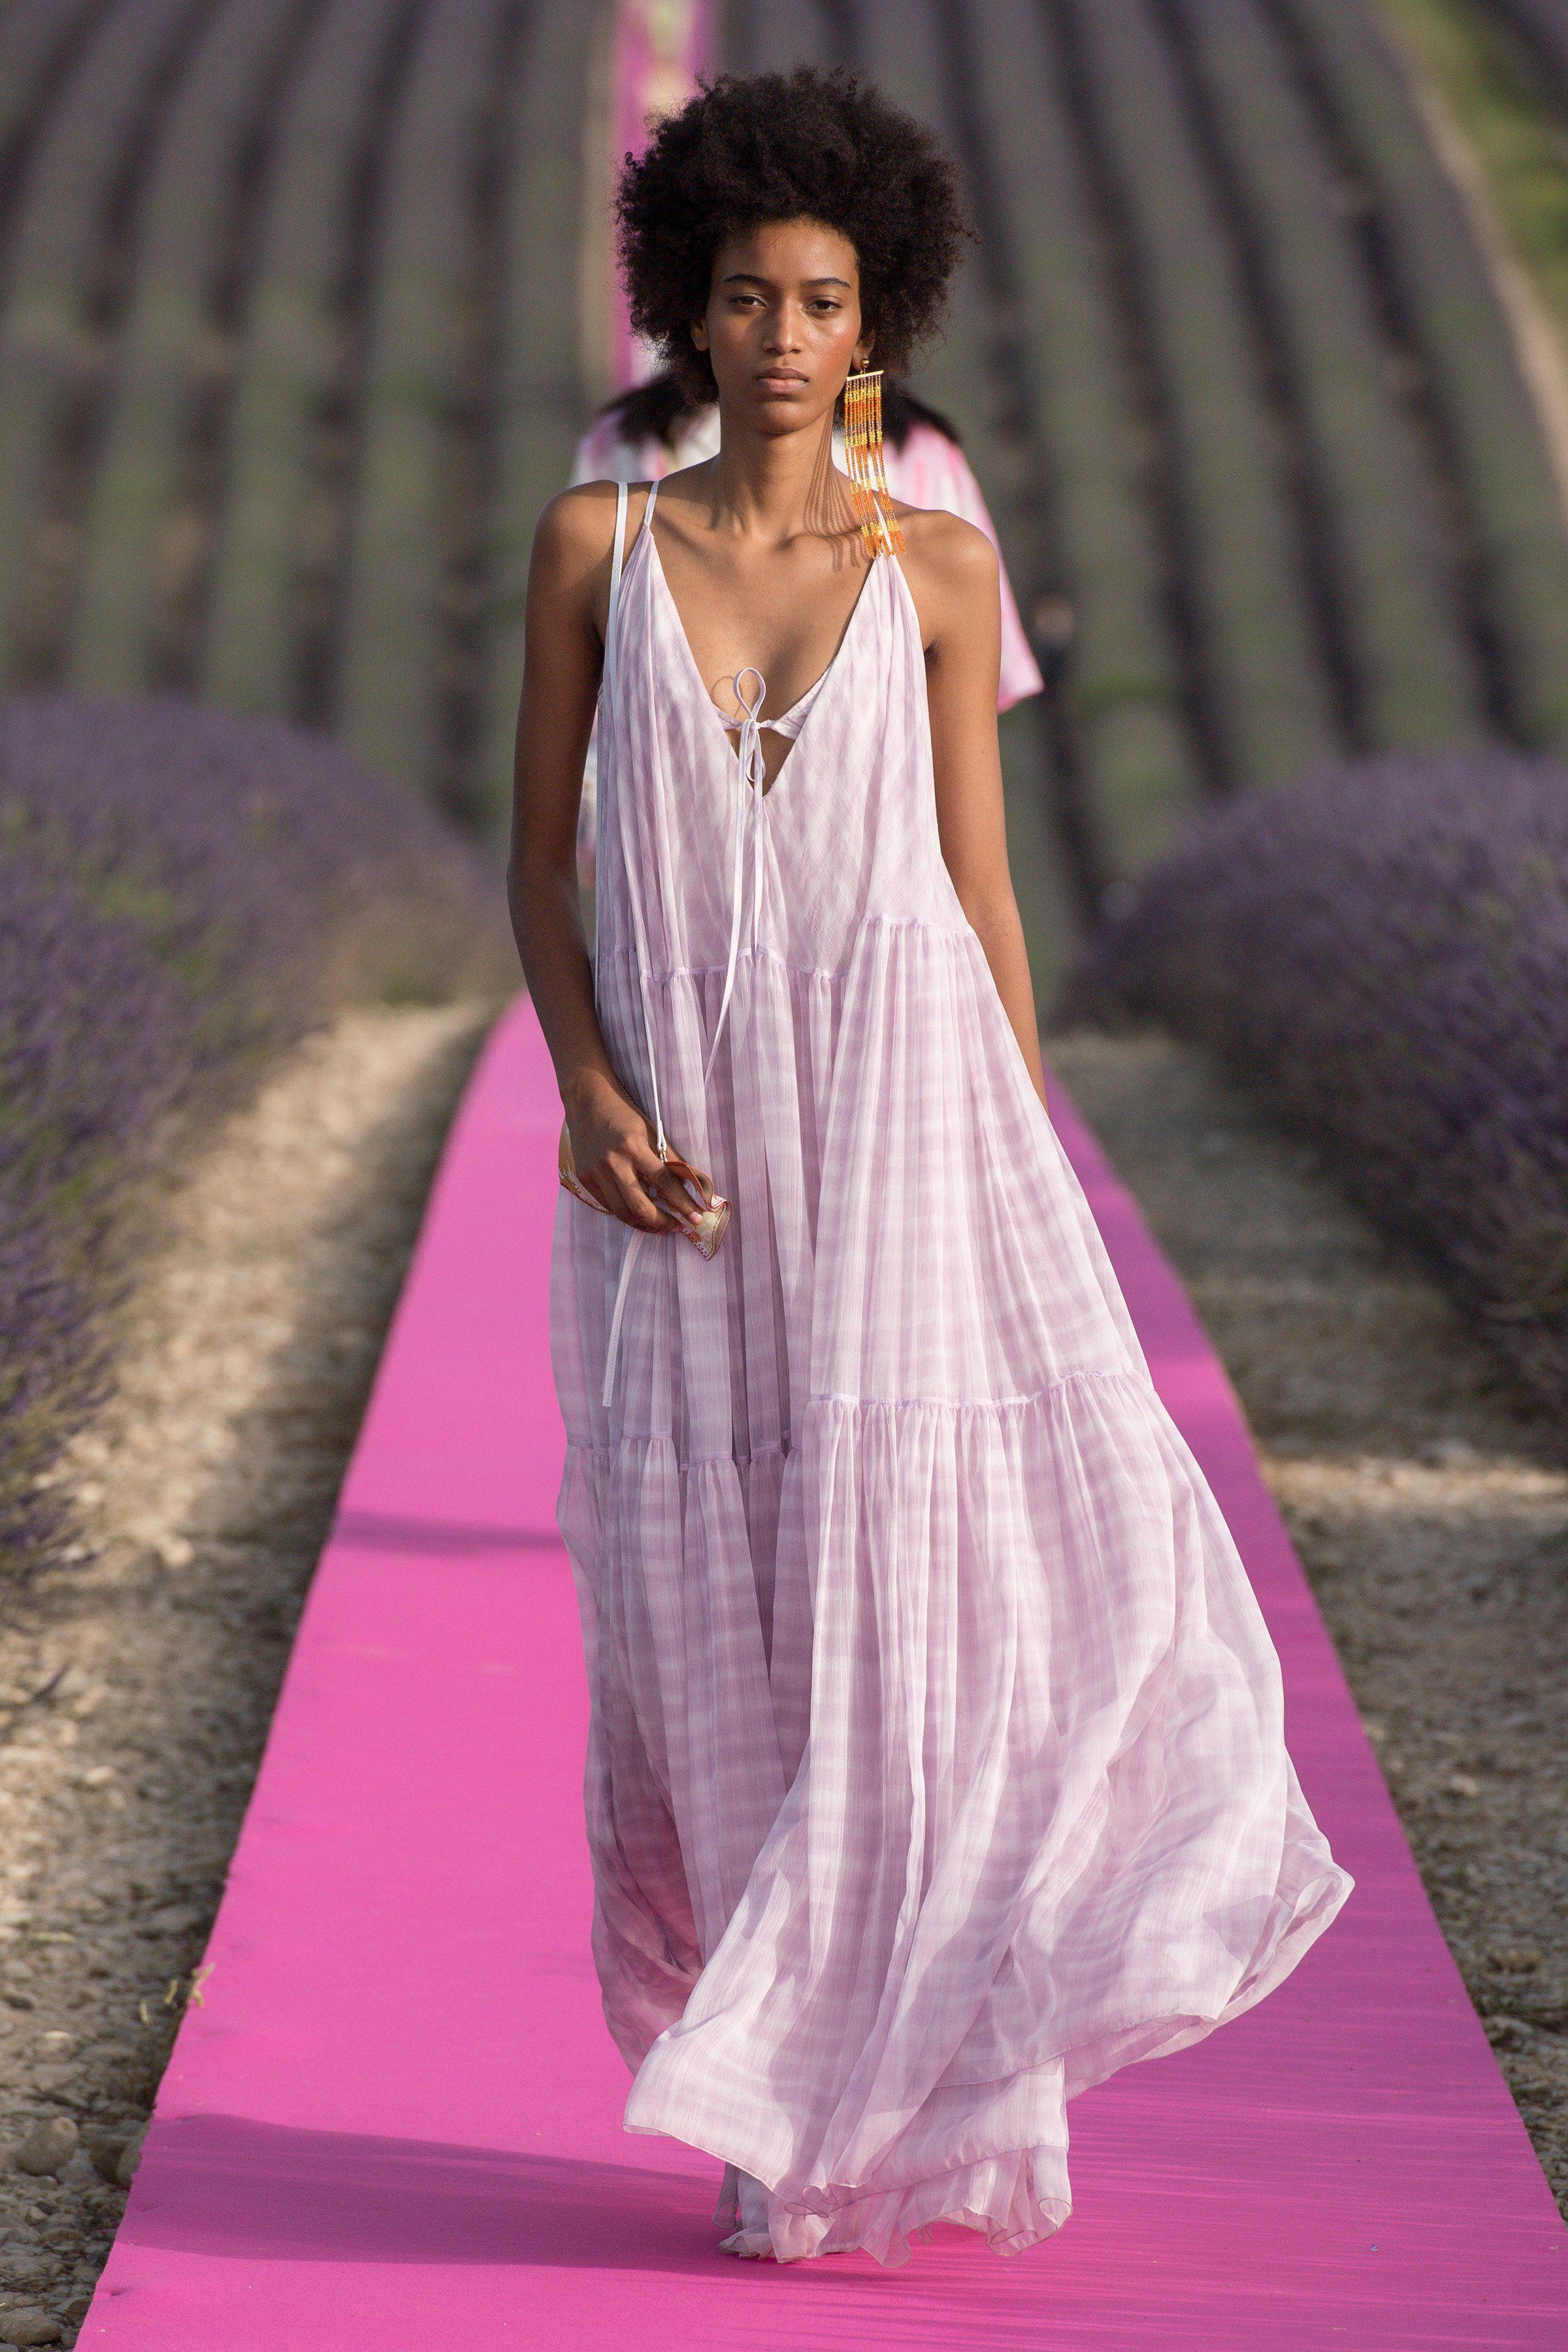 luftiger kleider-trend im sommer 2020: nightgown dresses